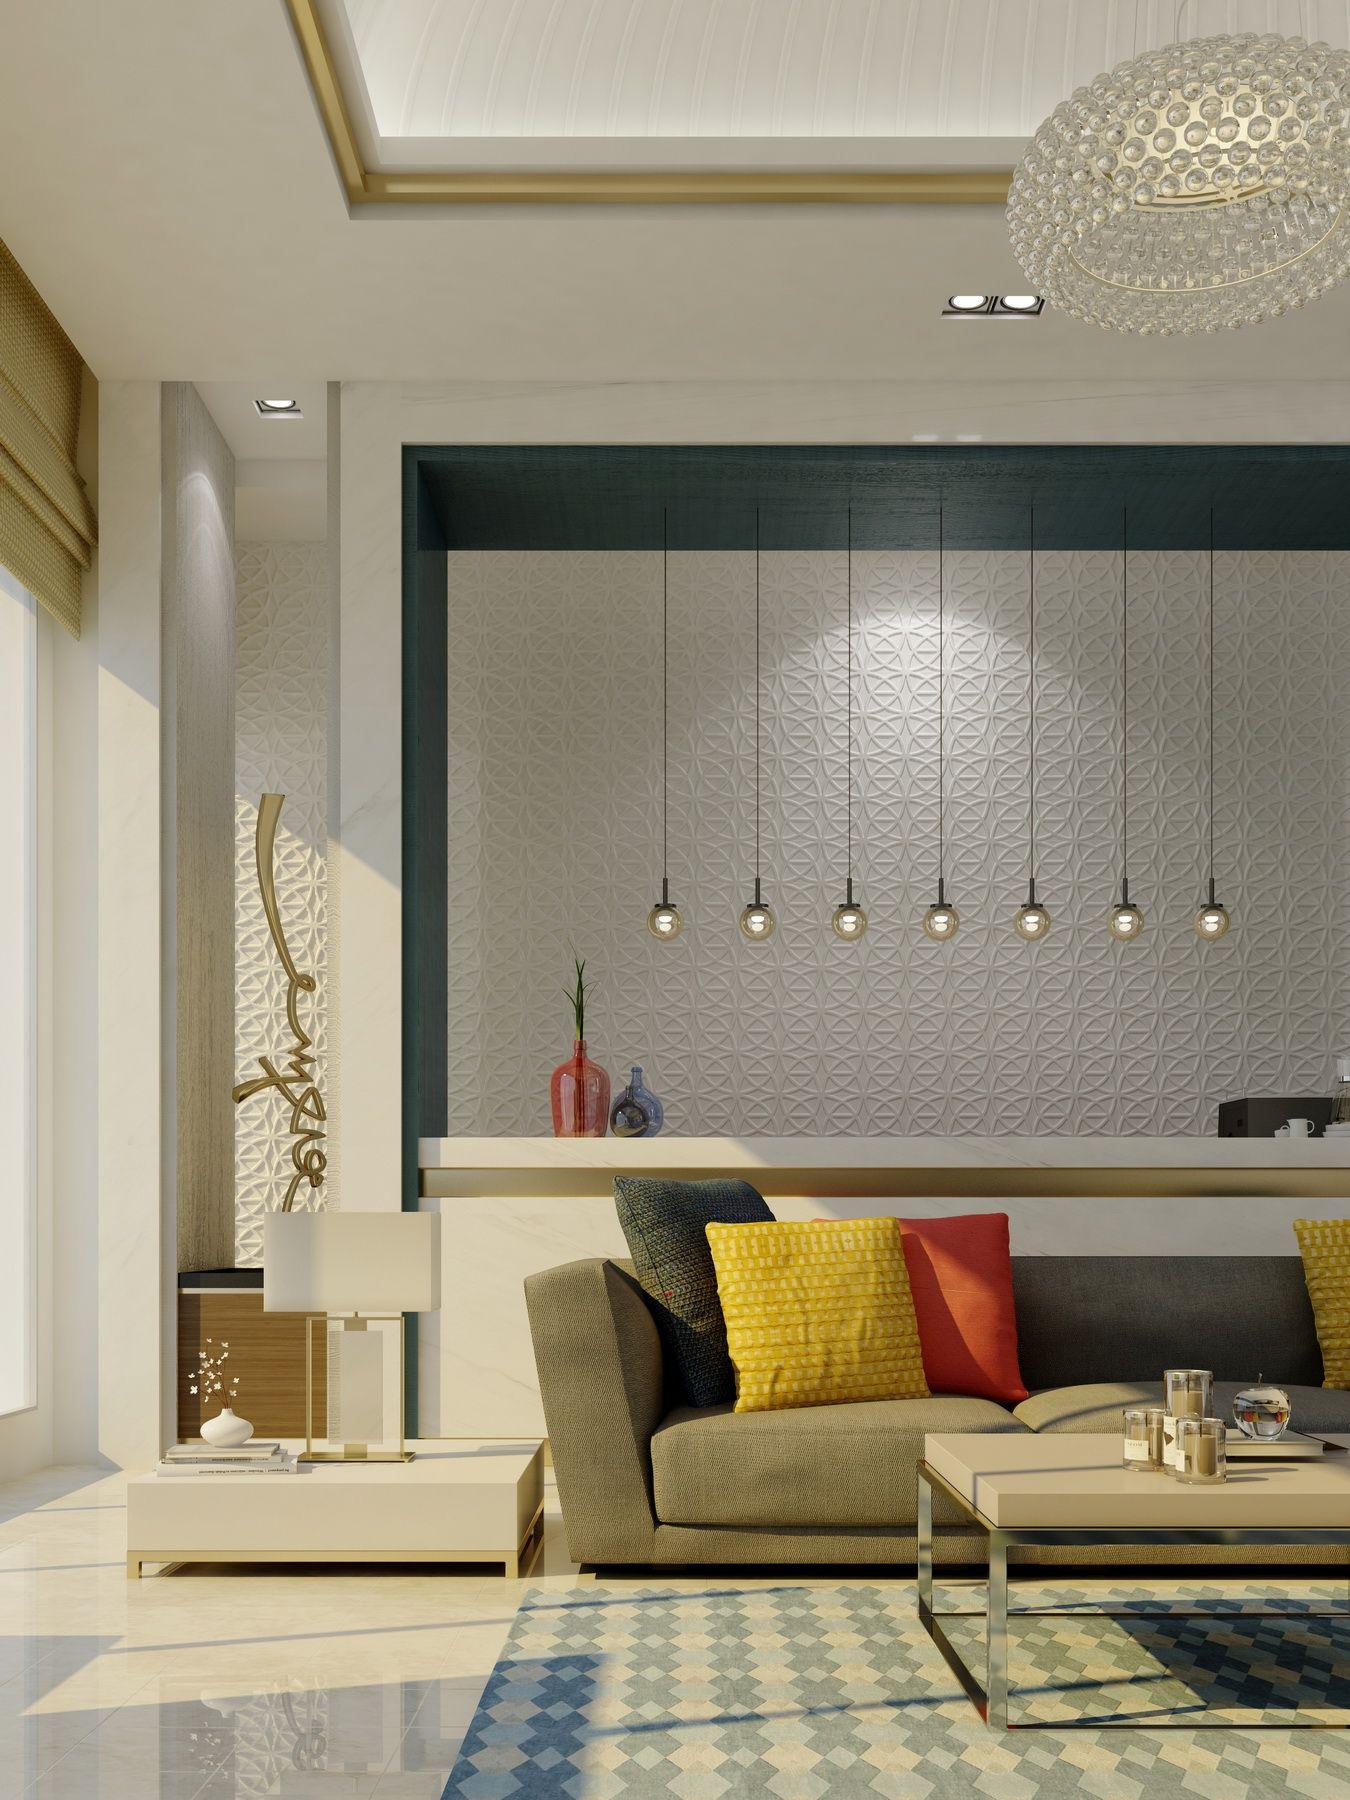 wirkung von farben menschliche emotionen anwendung im raum, mimar interiors | interior | pinterest, Design ideen